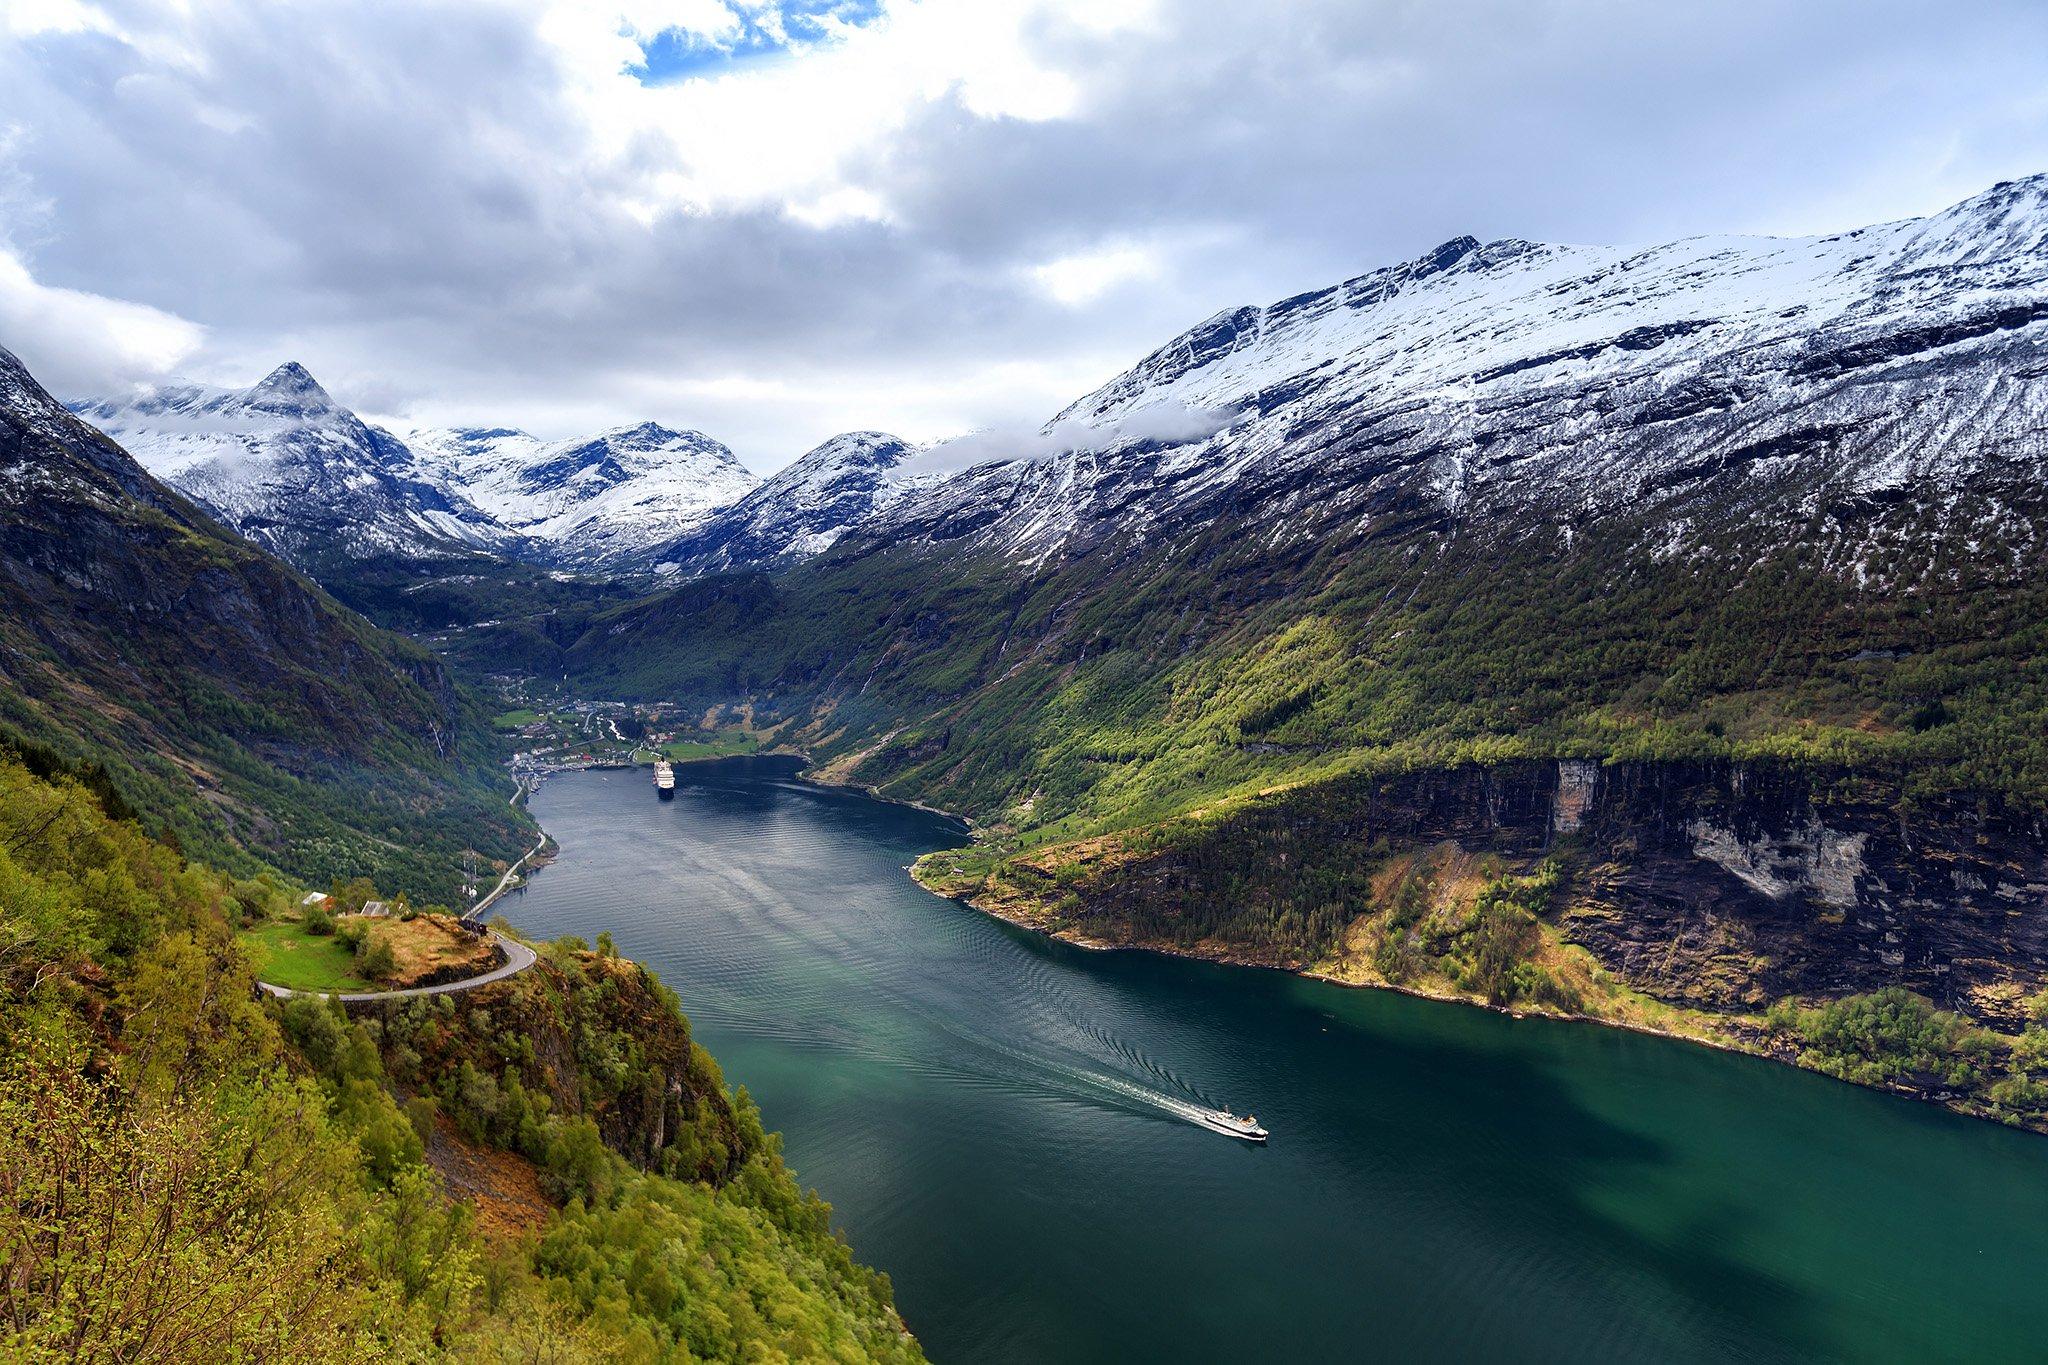 картинки на рабочий стол природа норвегия другое приложение